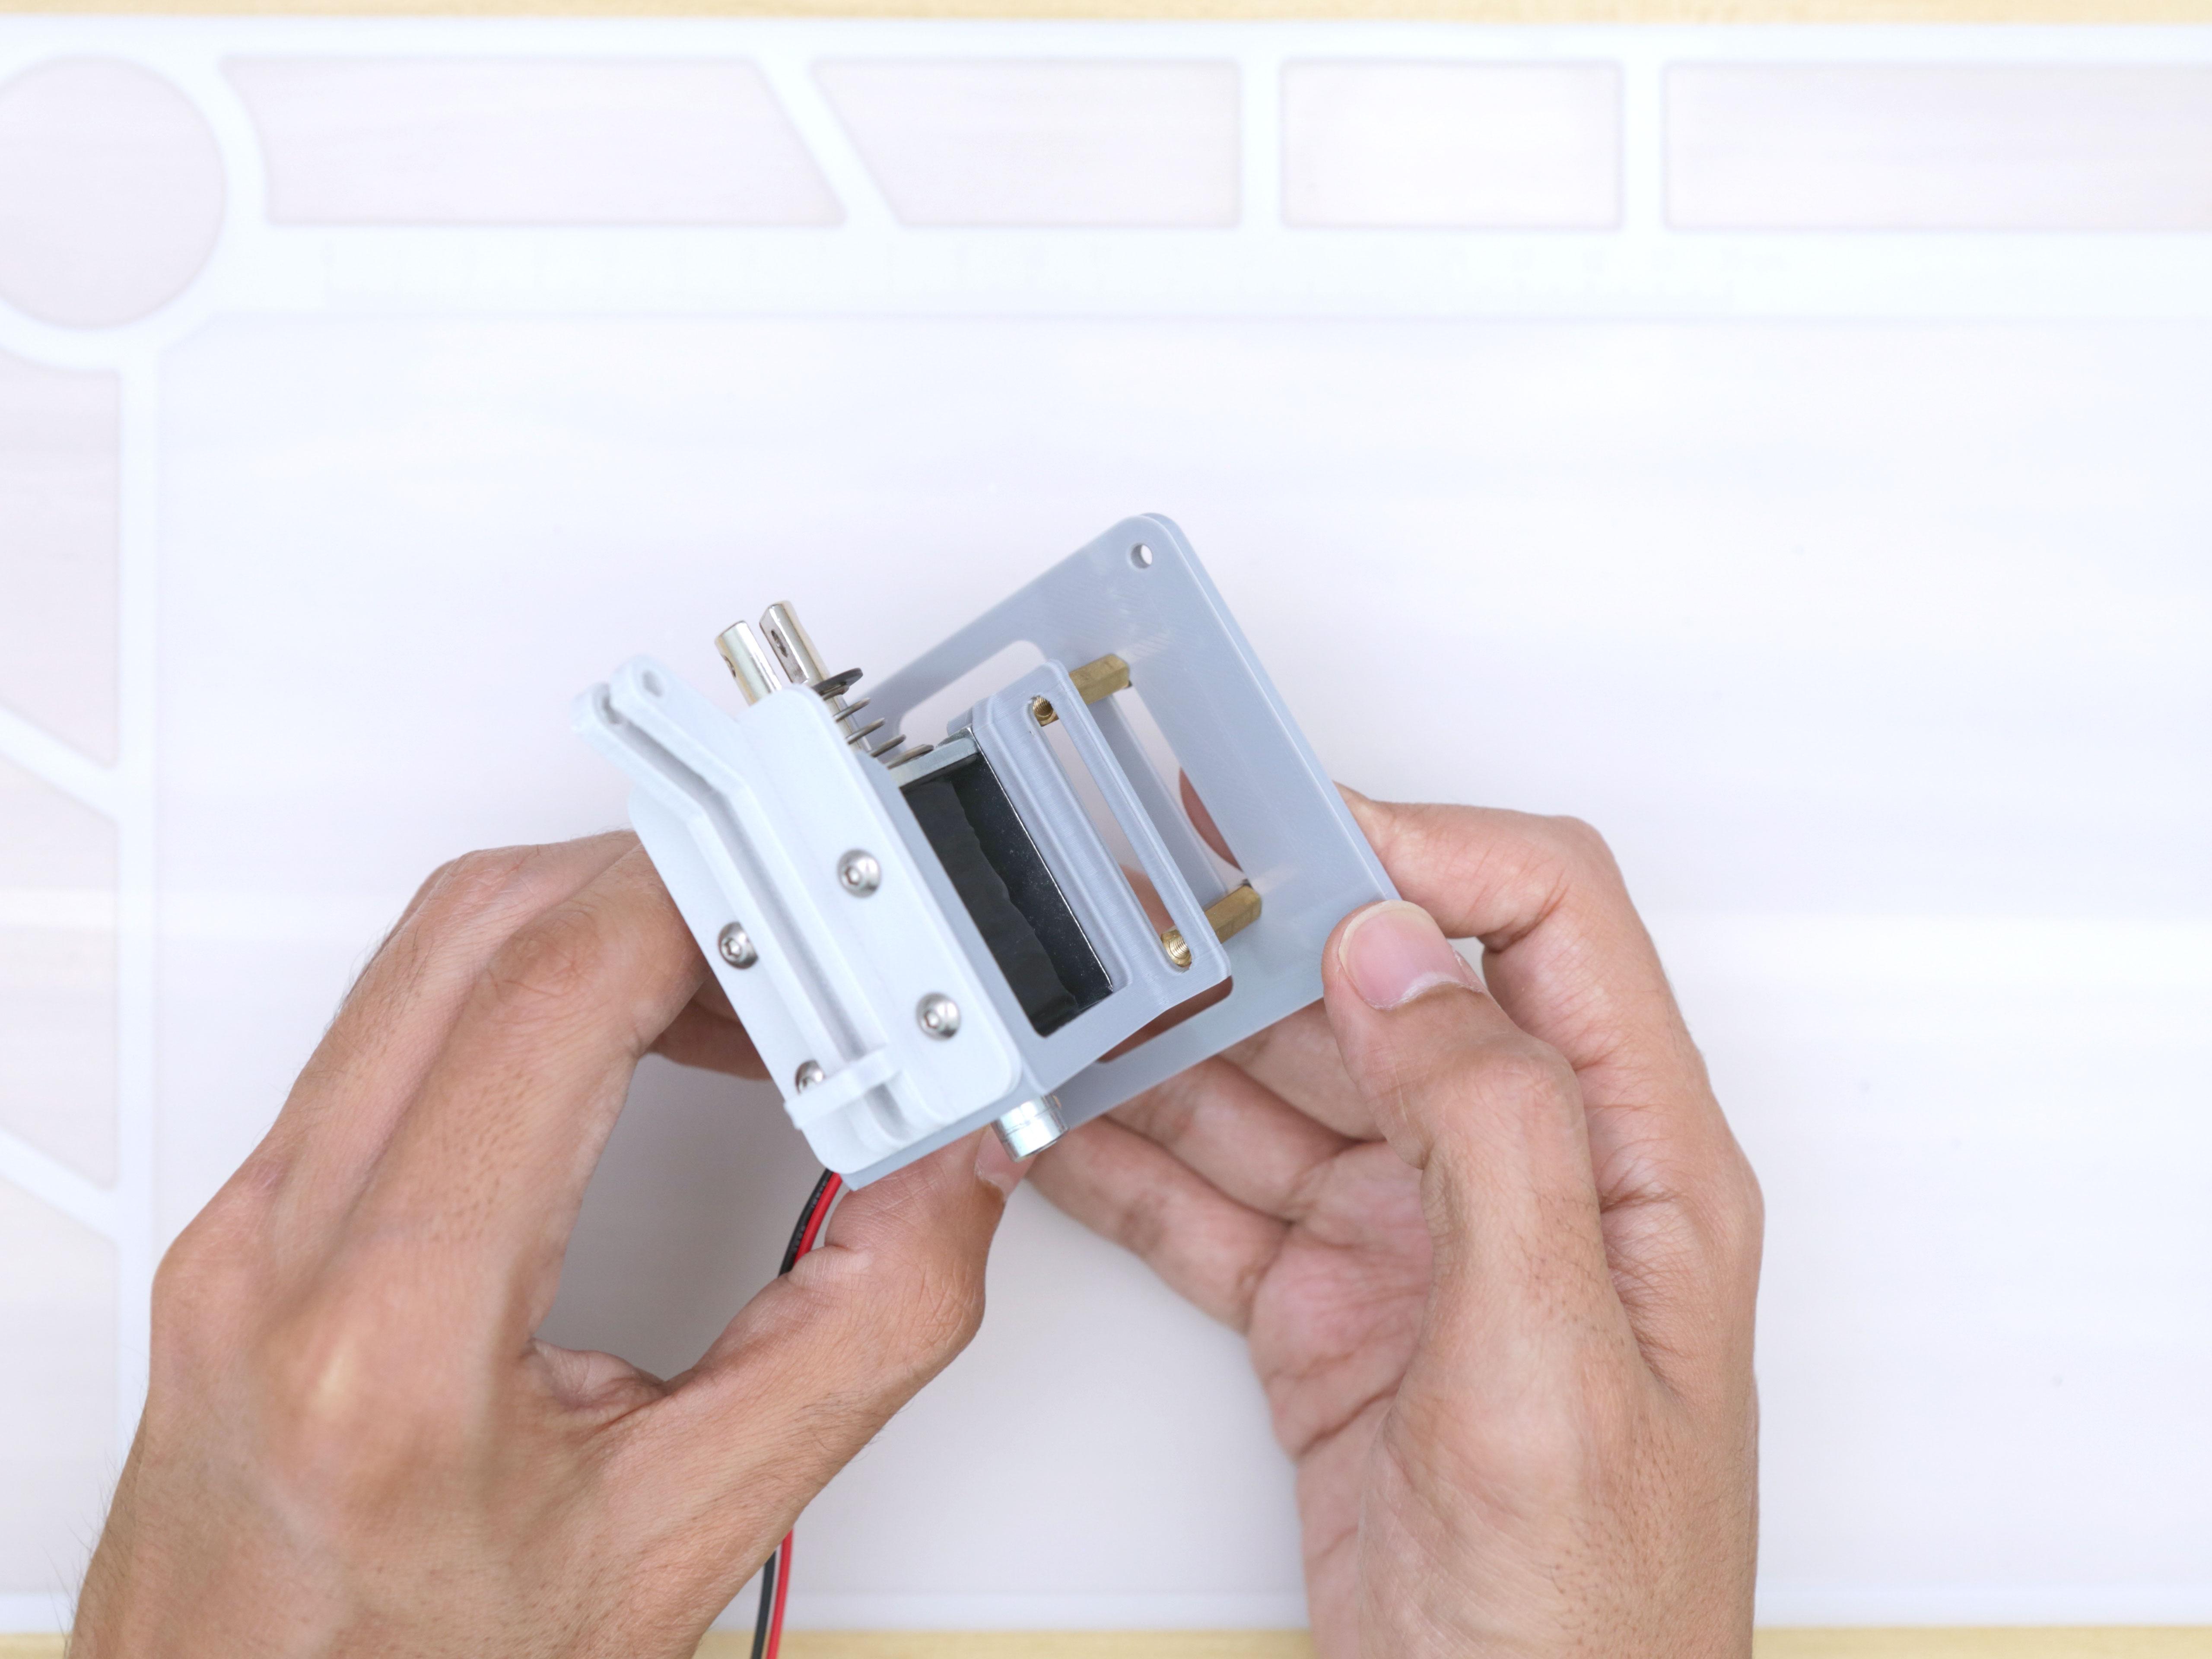 3d_printing_noid-holder-bottom-install.jpg